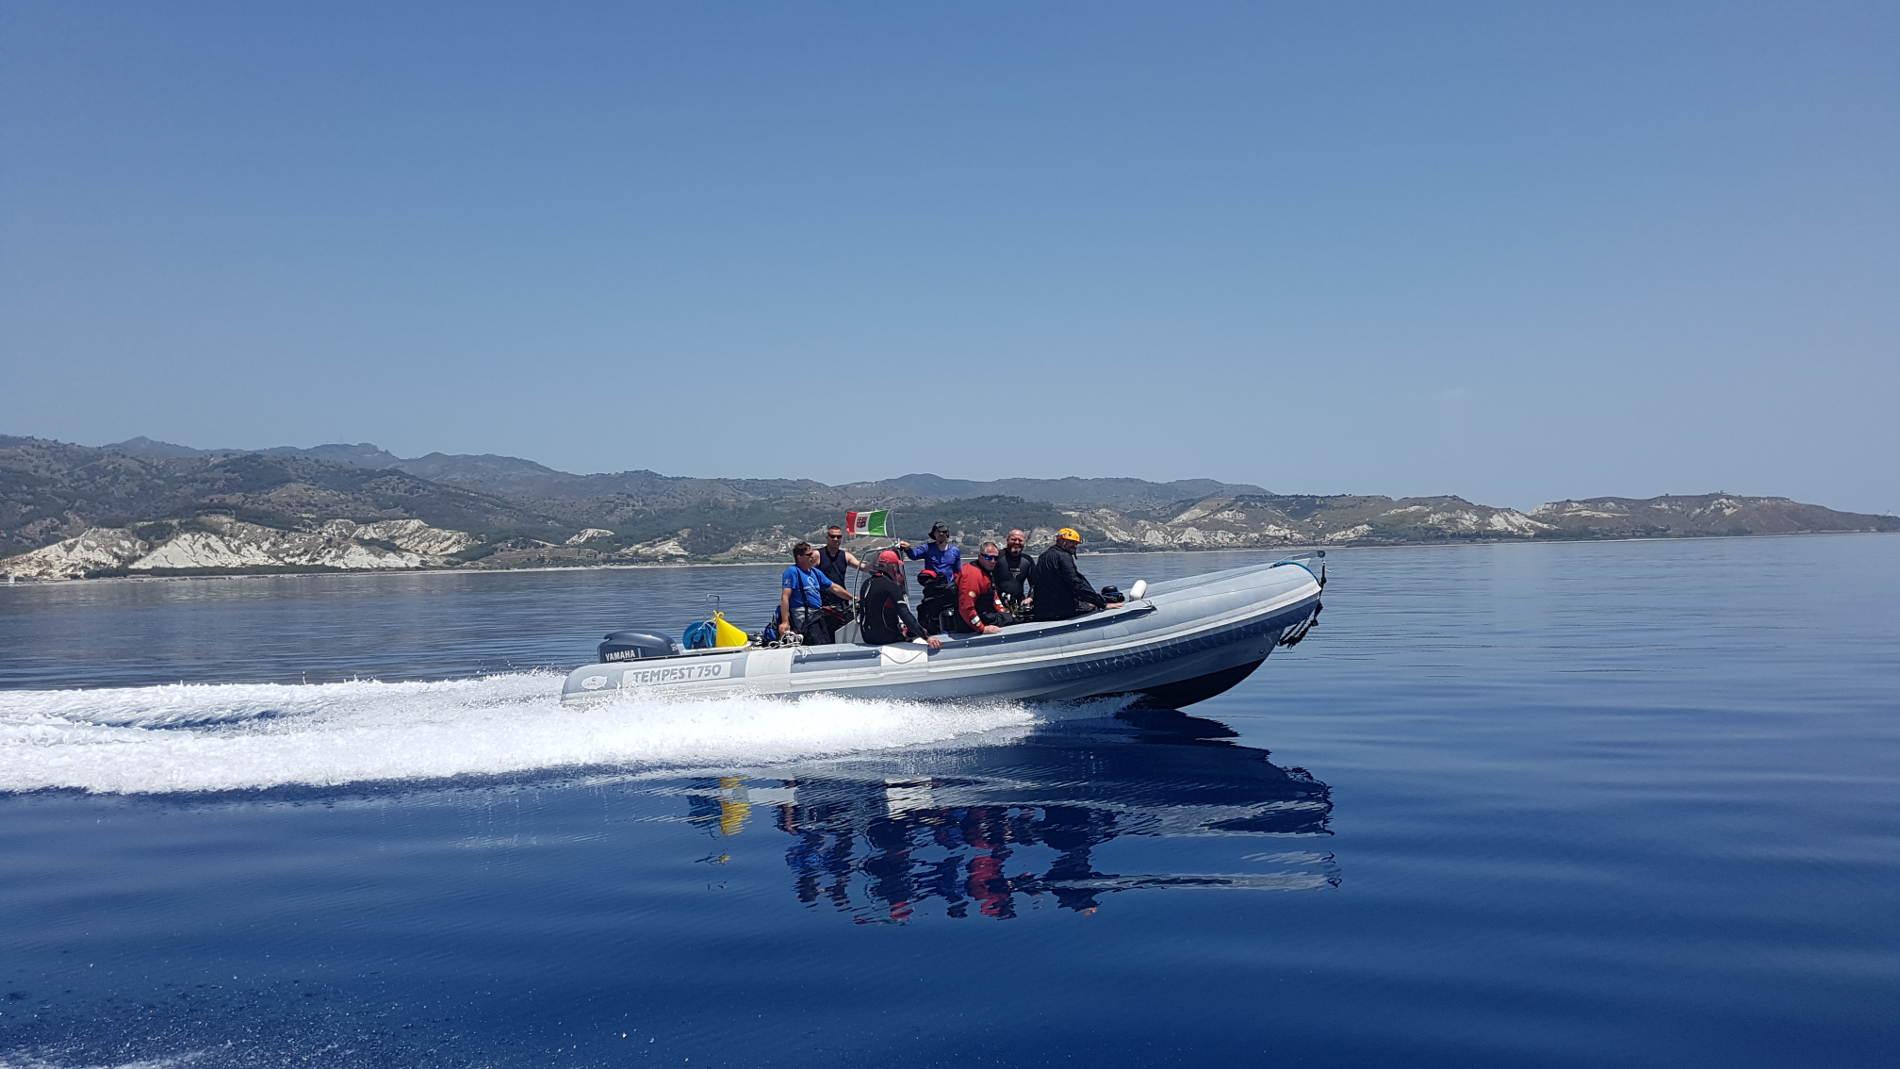 mare di Giojosa Jonica le immersioni imperdibili in Calabria